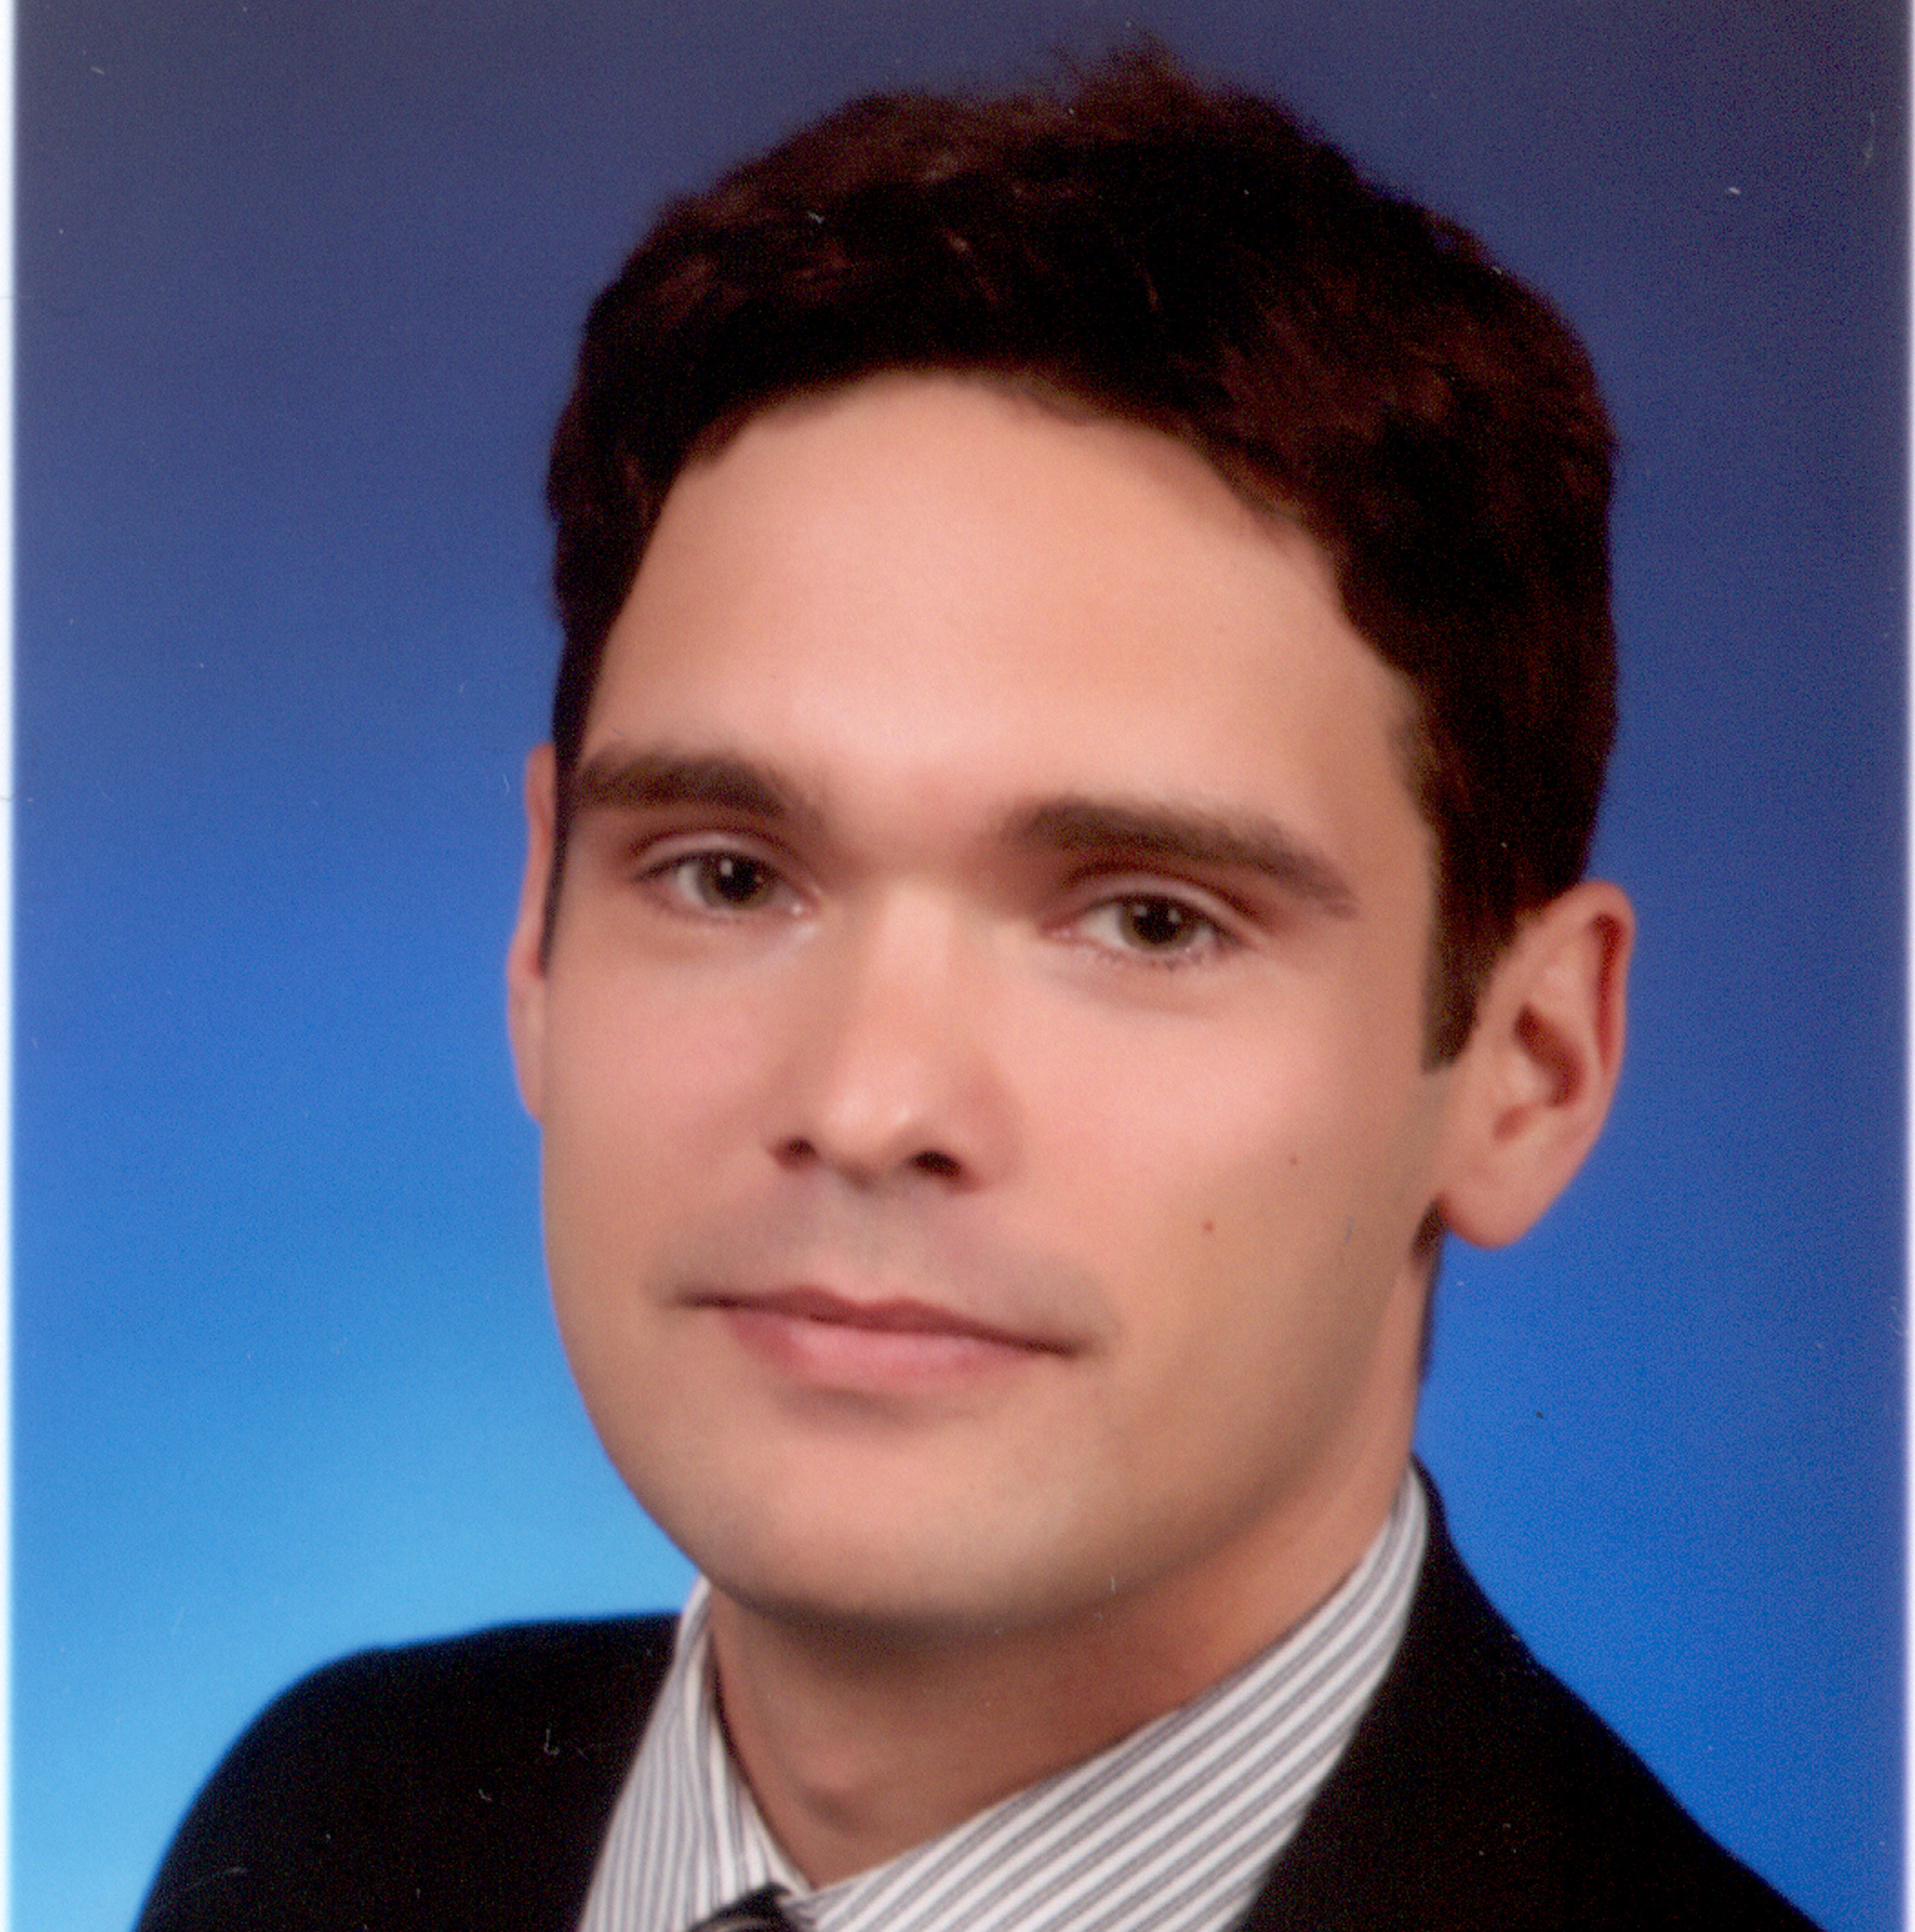 Marek Iwaszkiewicz